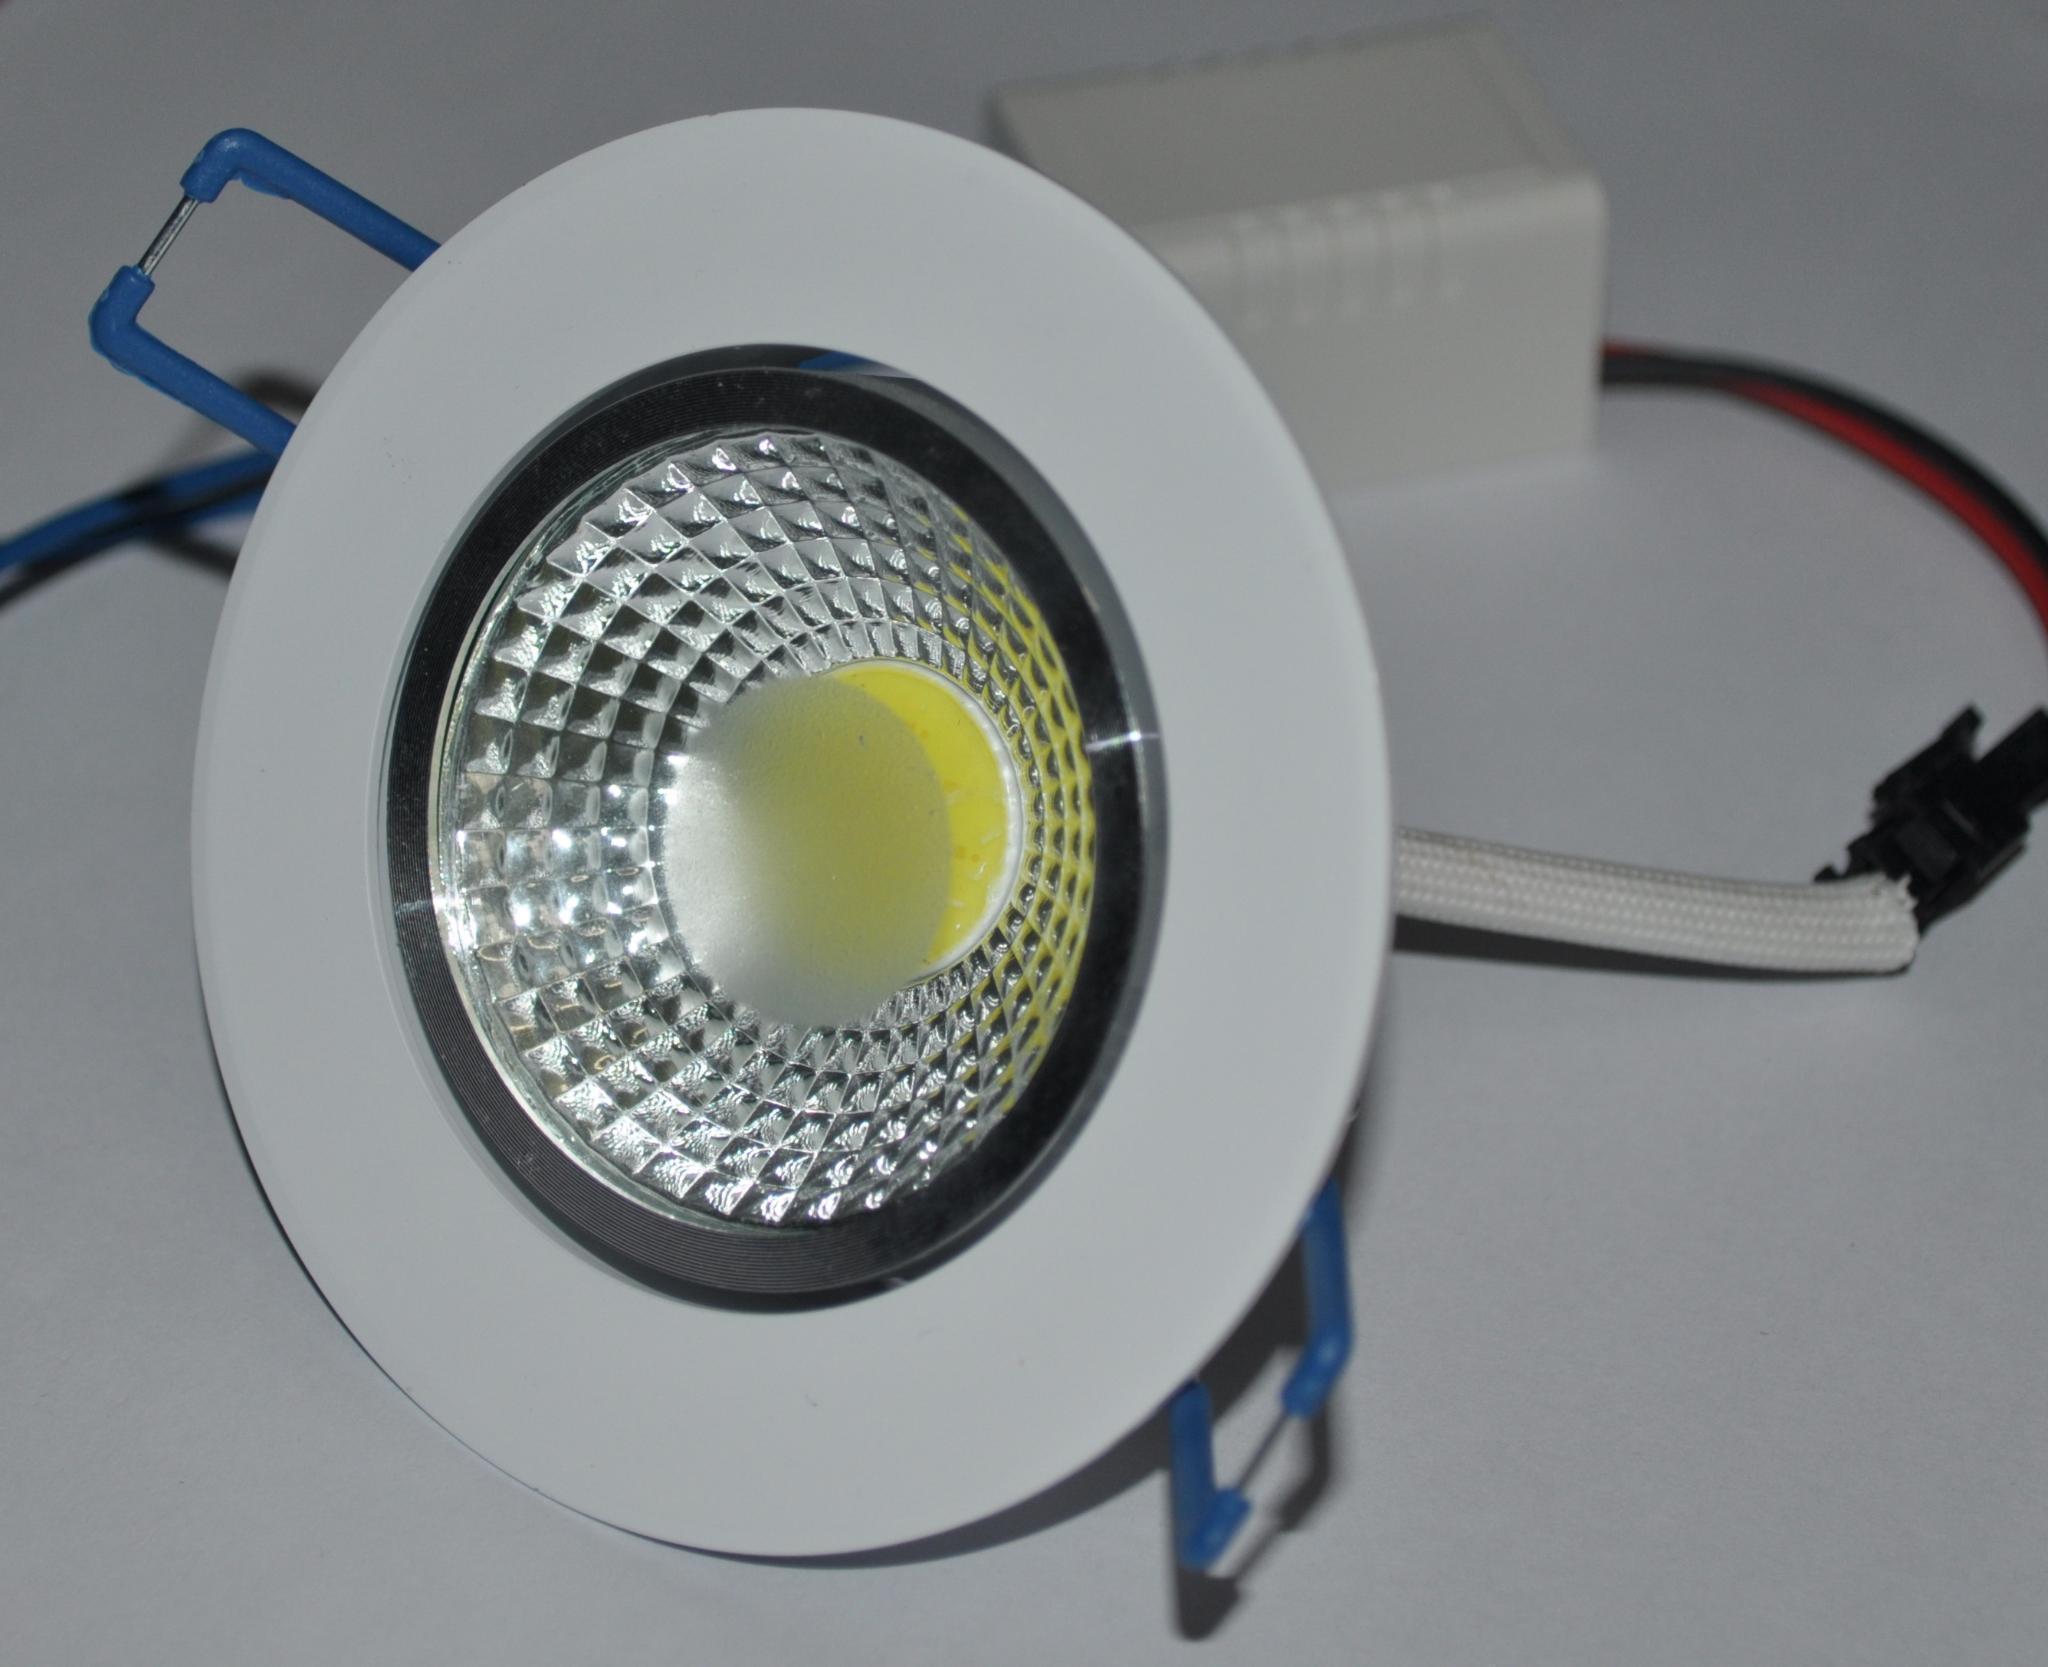 Новые 7 Вт 9 Вт 12 Вт COB чип светильник Встраиваемый светодиодный потолочный пятно света лампы белый/ теплый белый светодиодные лампы Бесплатн...